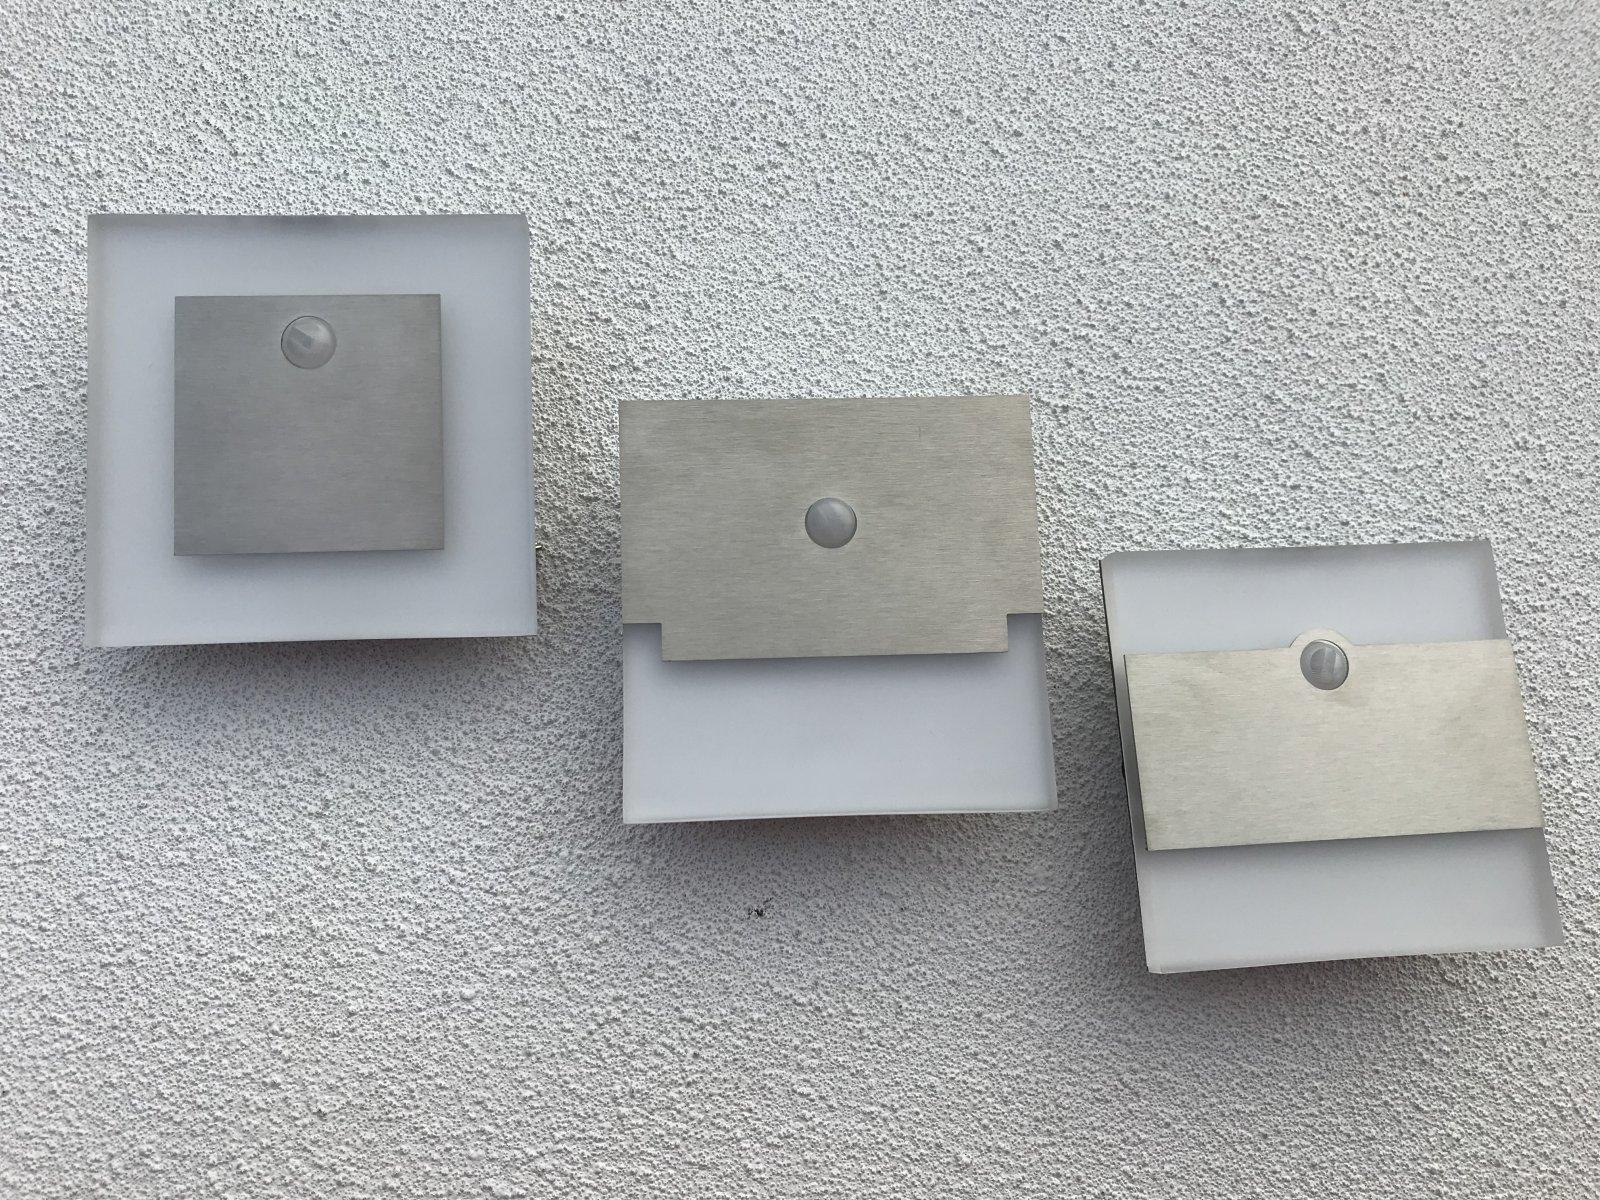 Elegáns fali lámpák ultravékony kivitelben: Apus, Sabik, Terra PIR érzékelővel